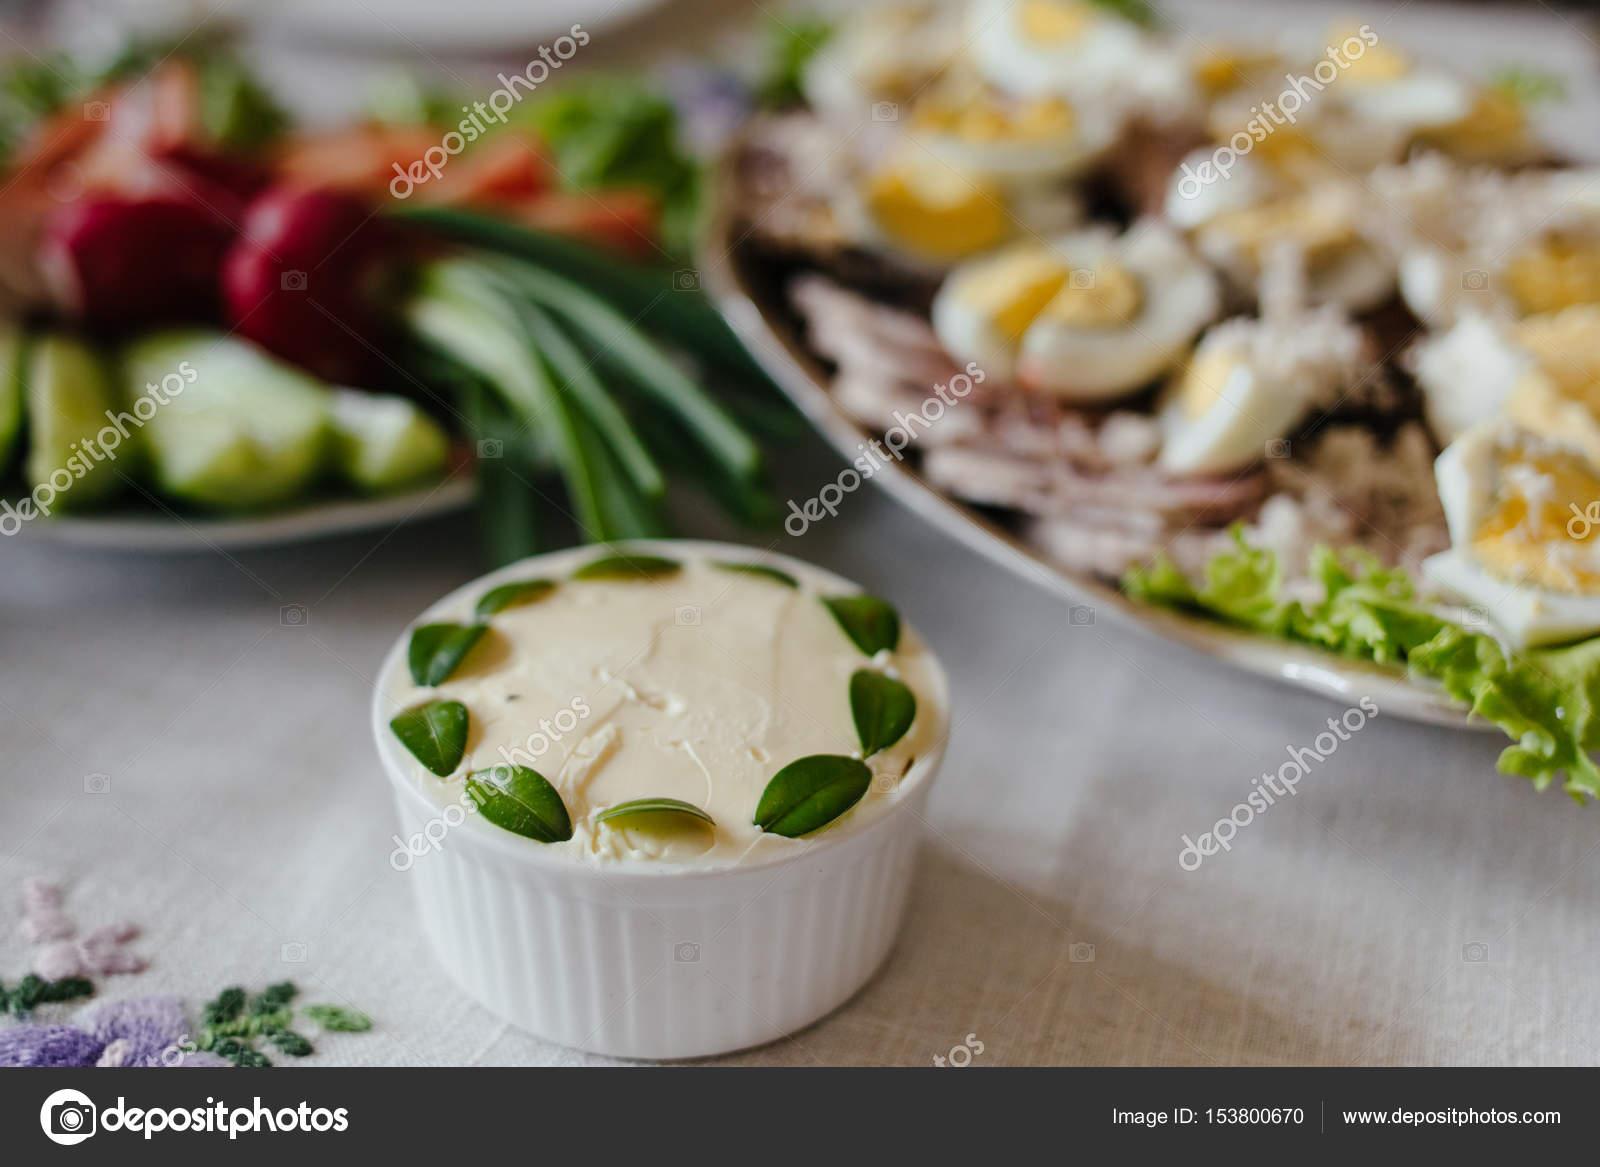 Fruhstuck Oder Brunch Tischdekoration Stockfoto C Vaksmanv101